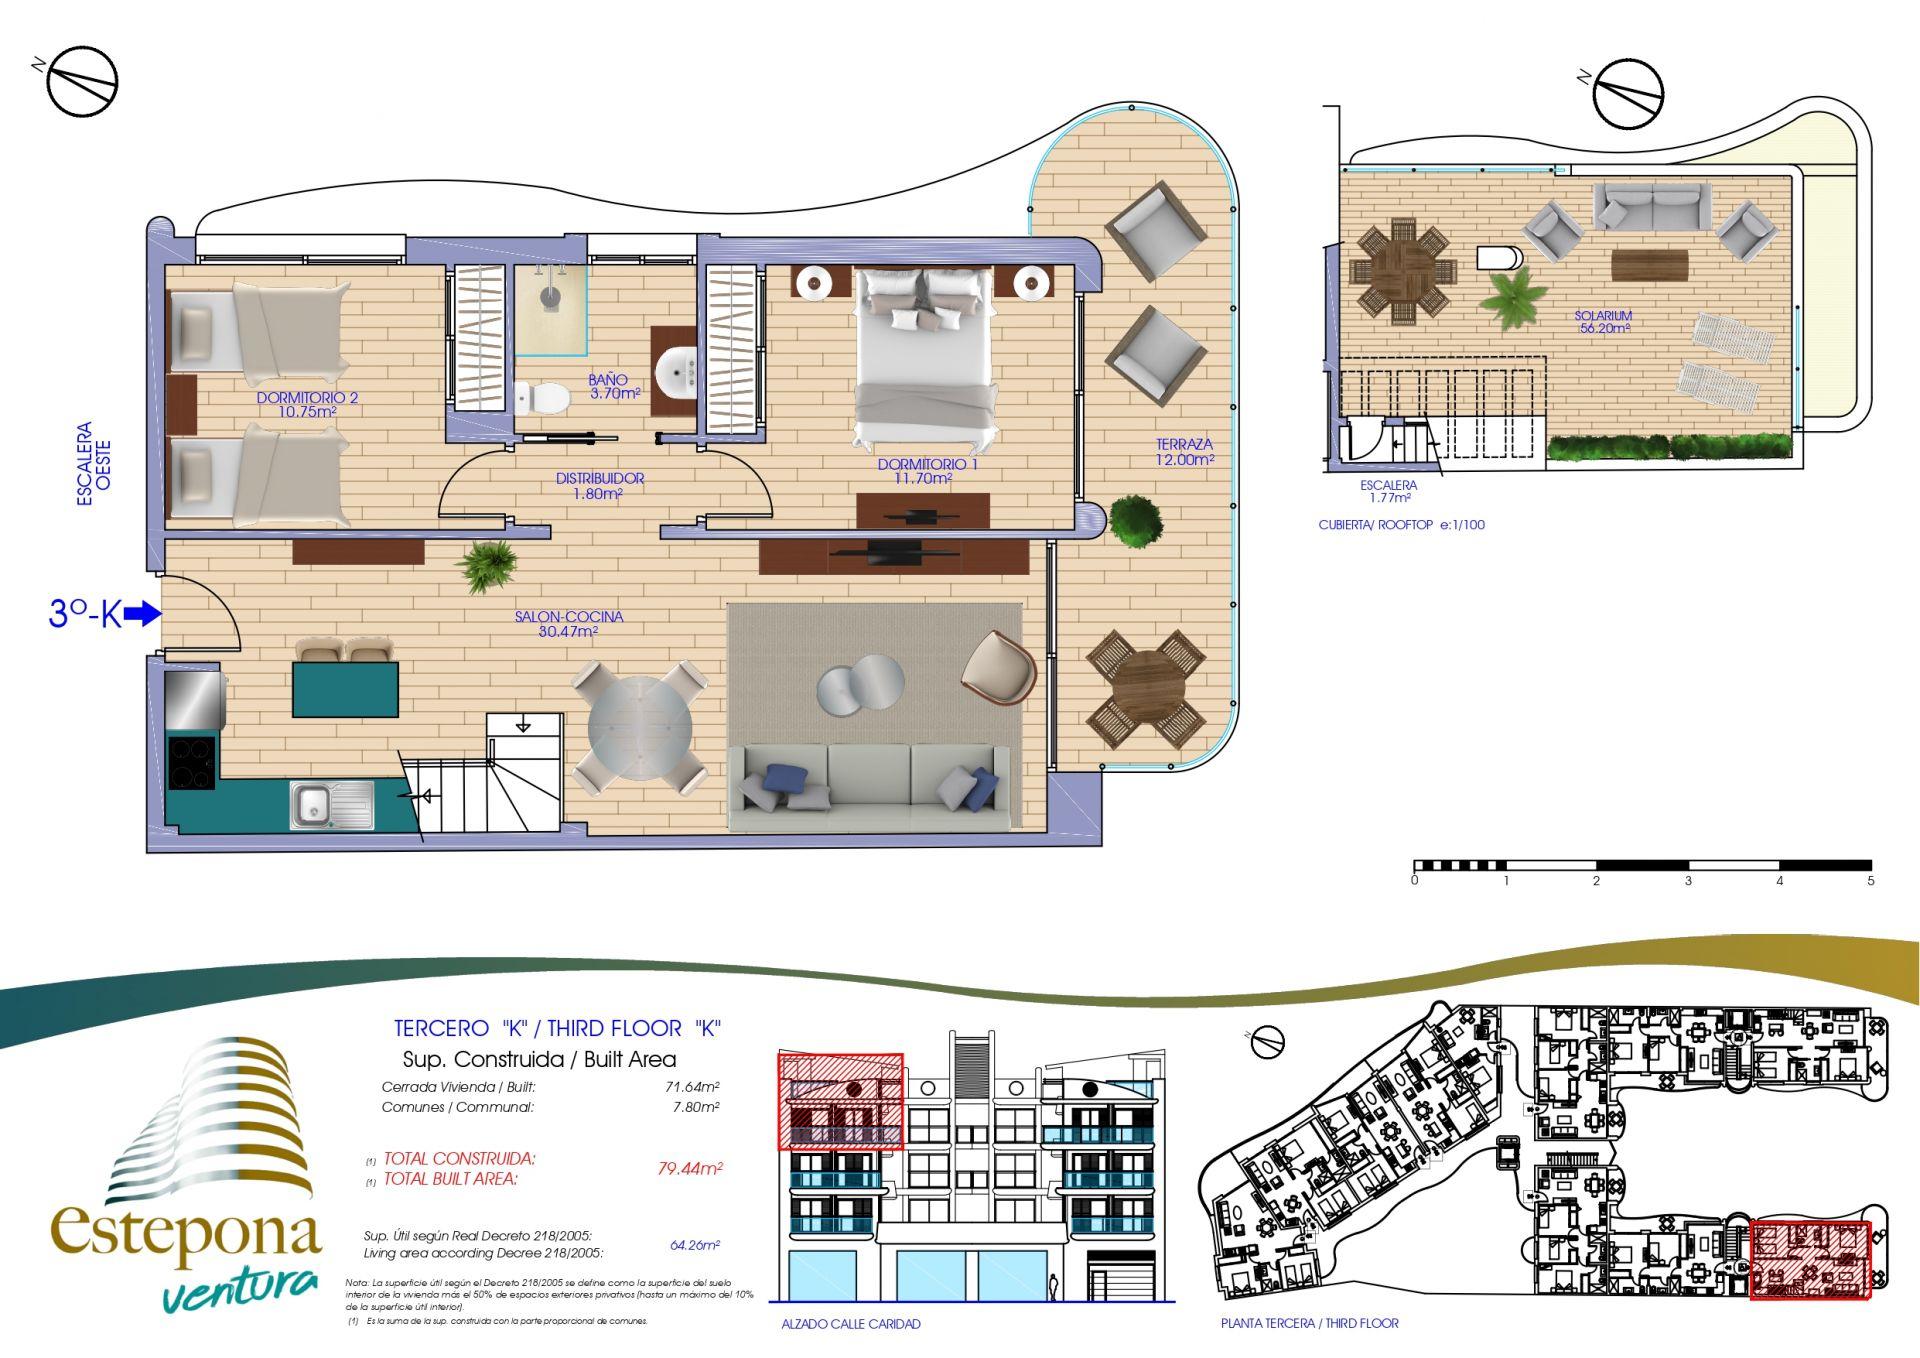 20200527 PLANOS DE VENTAS pages to jpg 0038 - Ventura Estepona | Compra de casa en Estepona